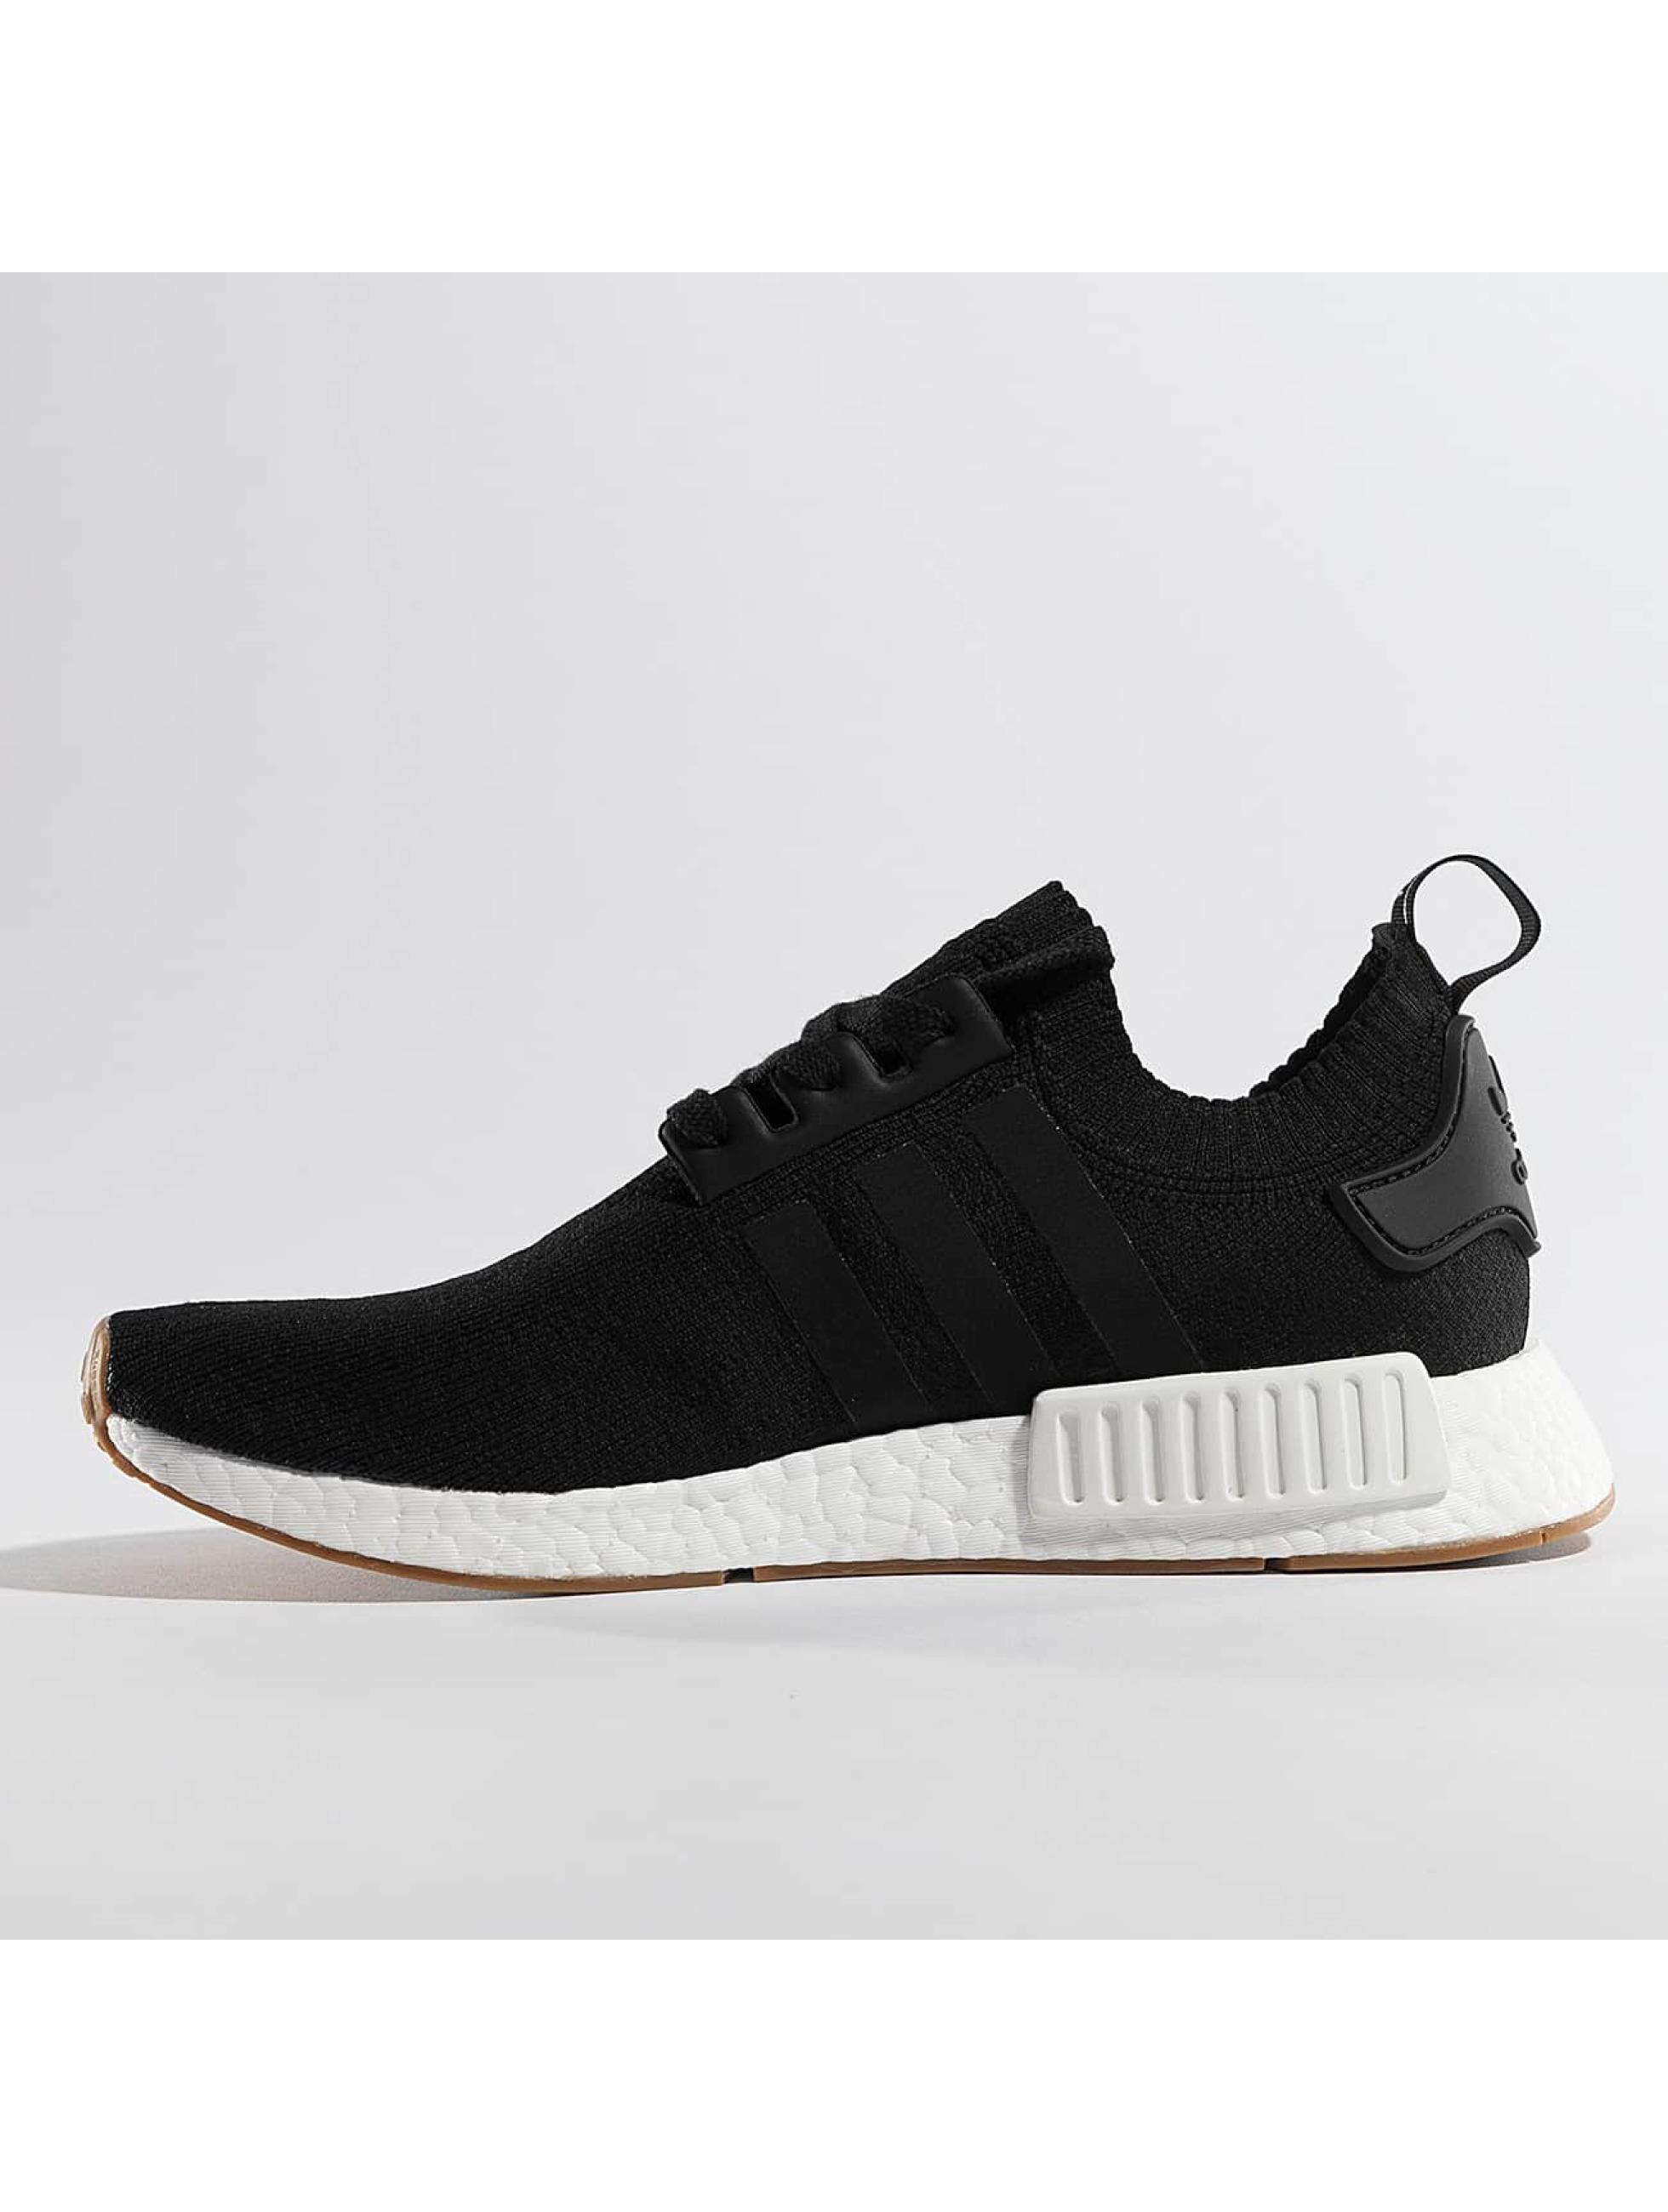 adidas Sneakers NMD R1 PK Sneakers èierna